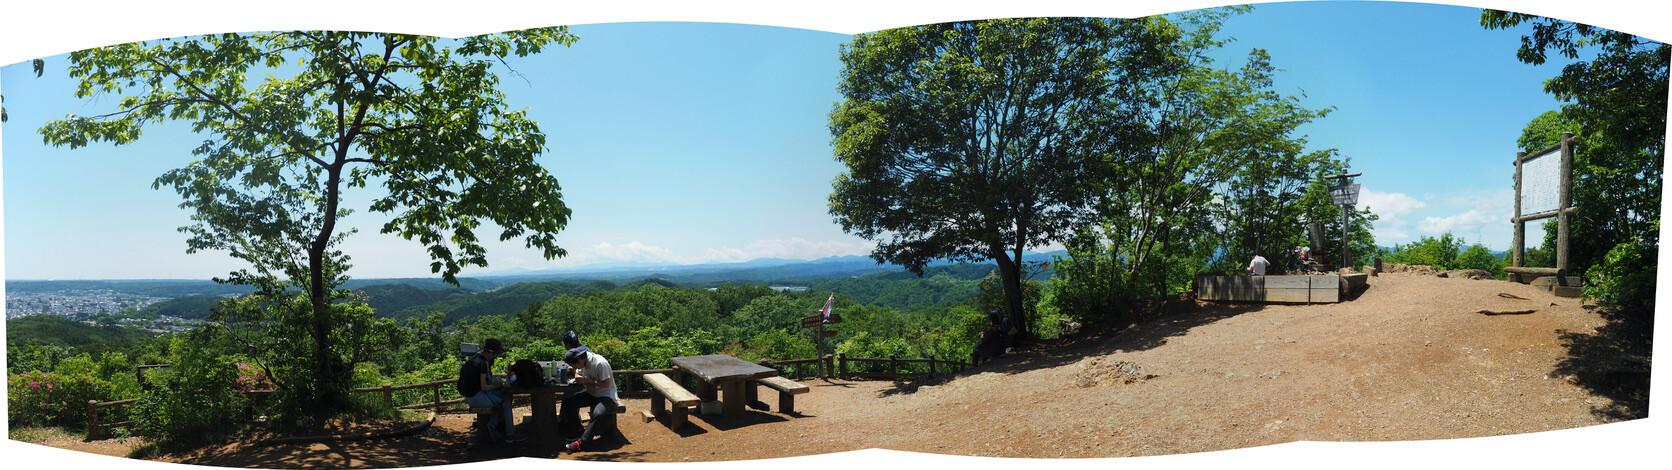 多峯主山(とうのすやま)<br> <br> 読めねーよ!<br> 名前に負けぬ景色の良さに気分があがる。